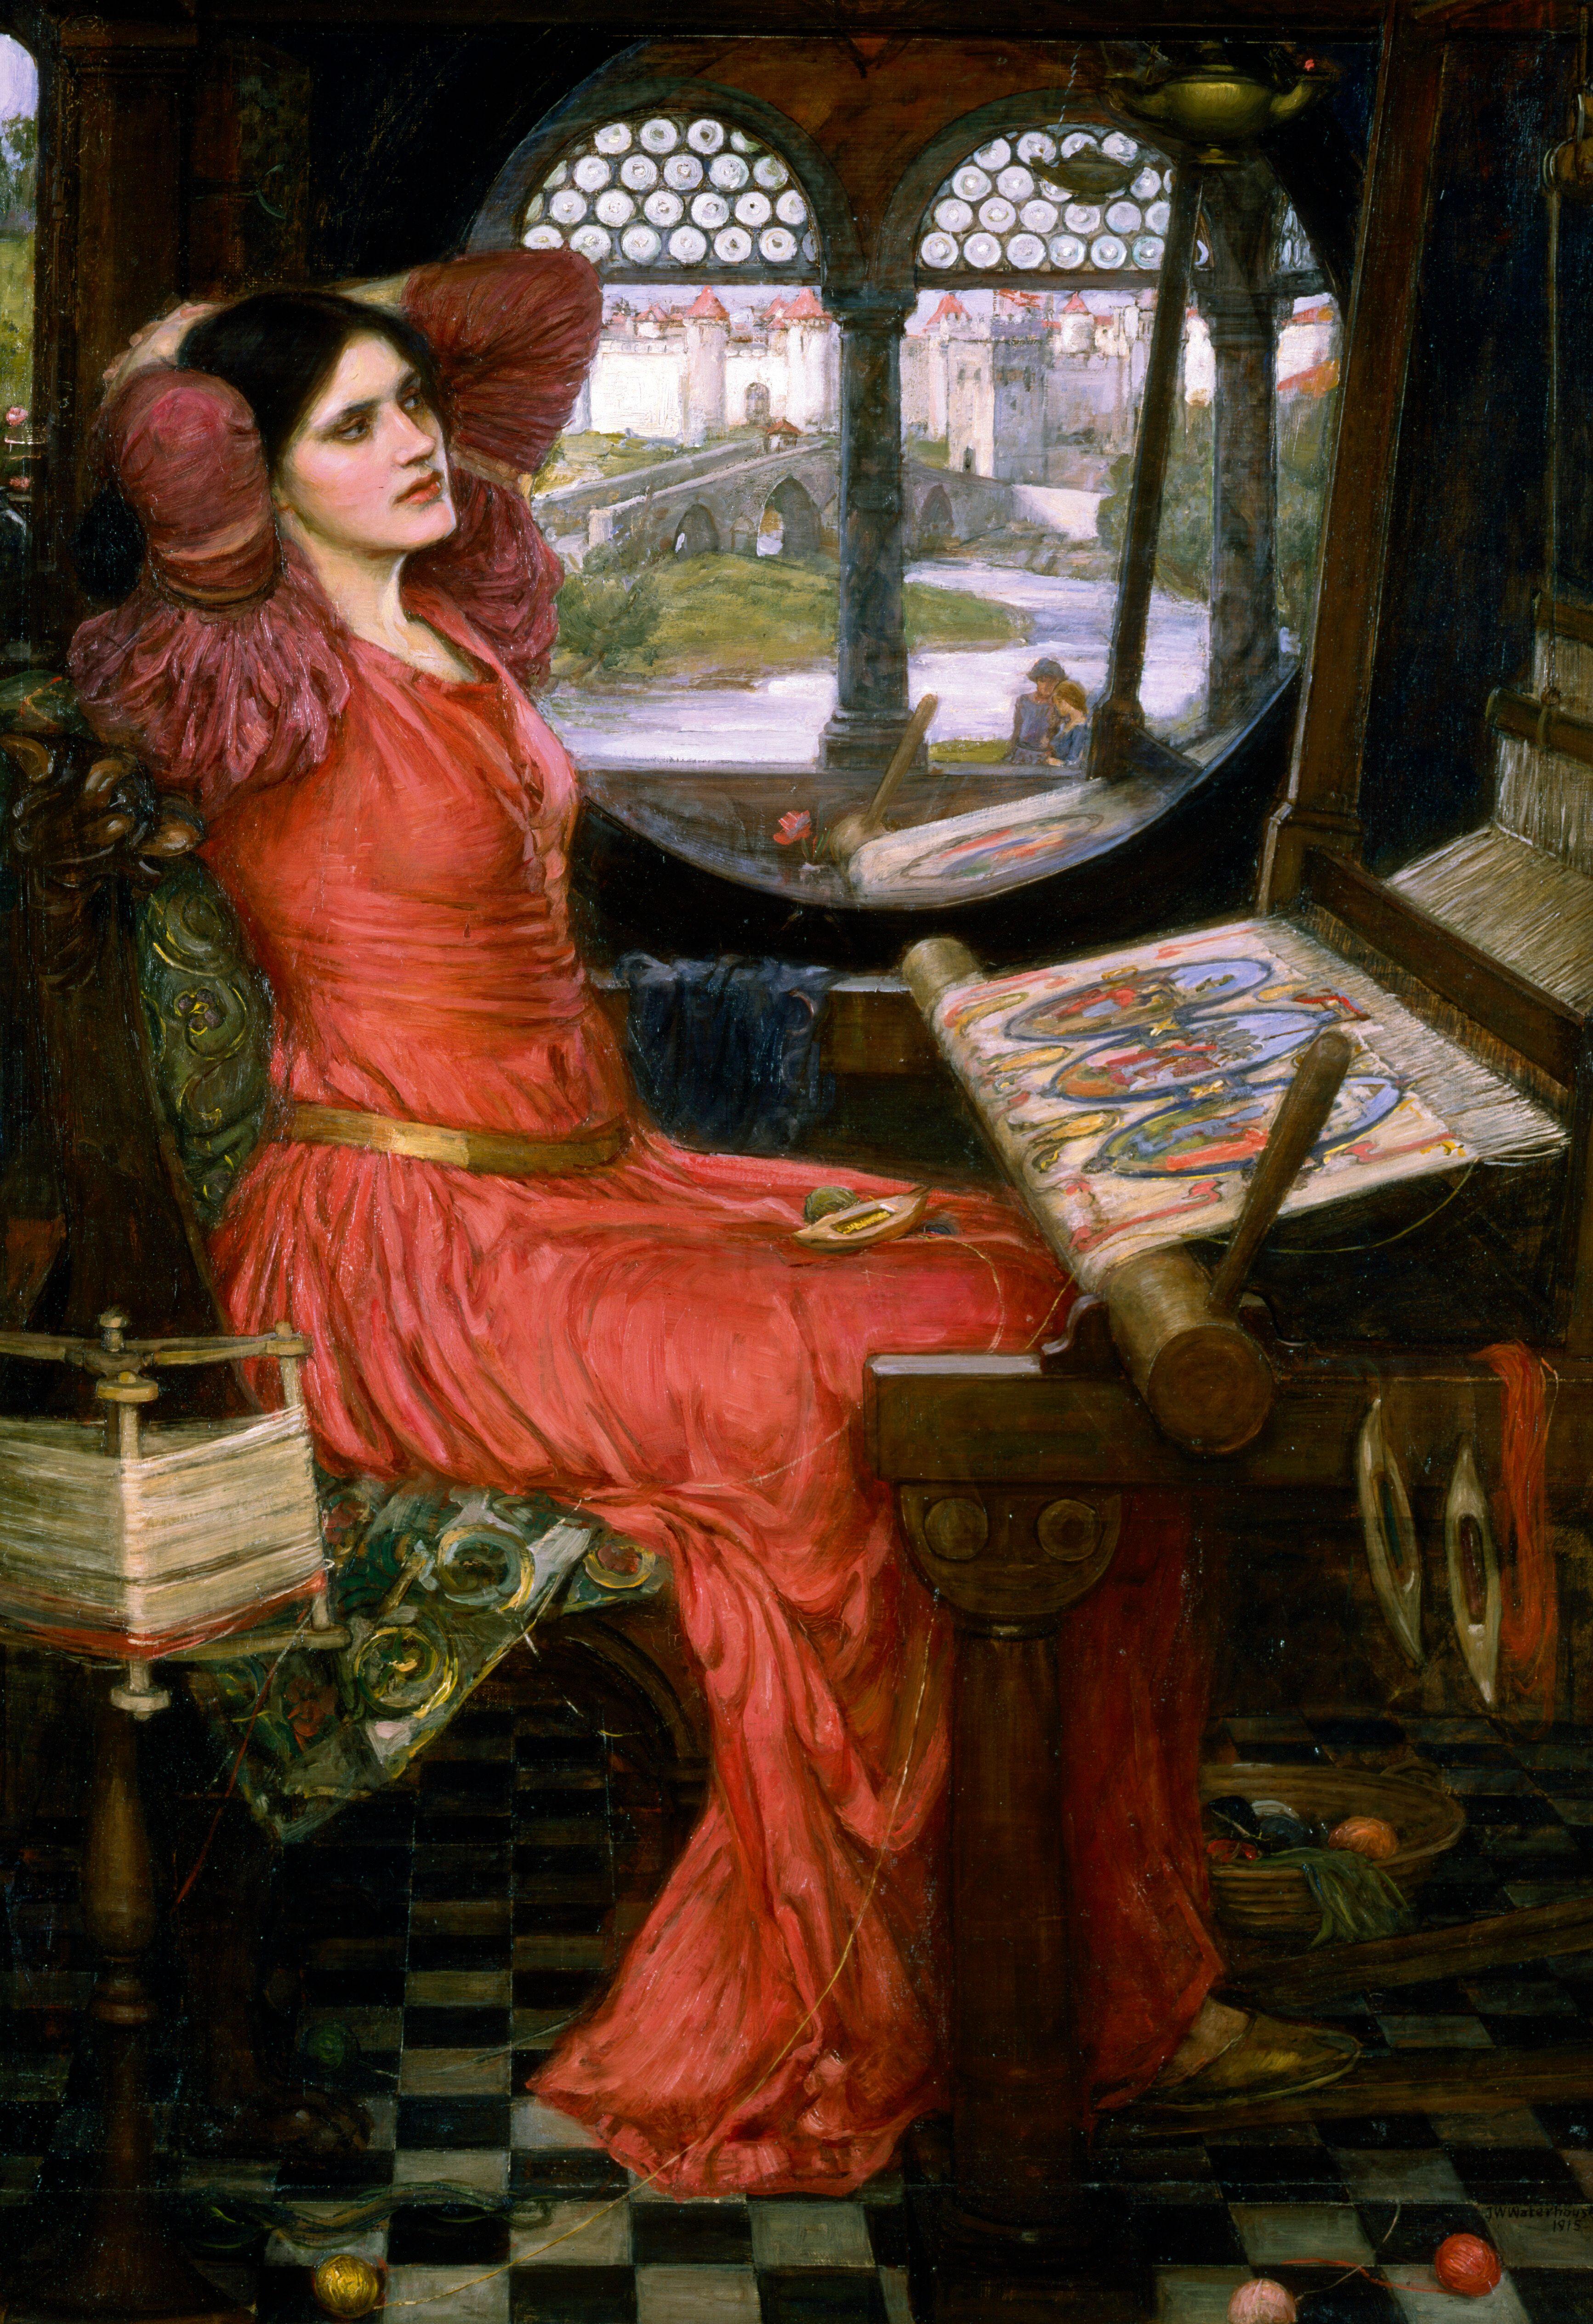 картина Леди Шарлотт, Джон Уильям Вотерхауз, плюс статья про подарки - Ватерхауз Джон Вильям фото